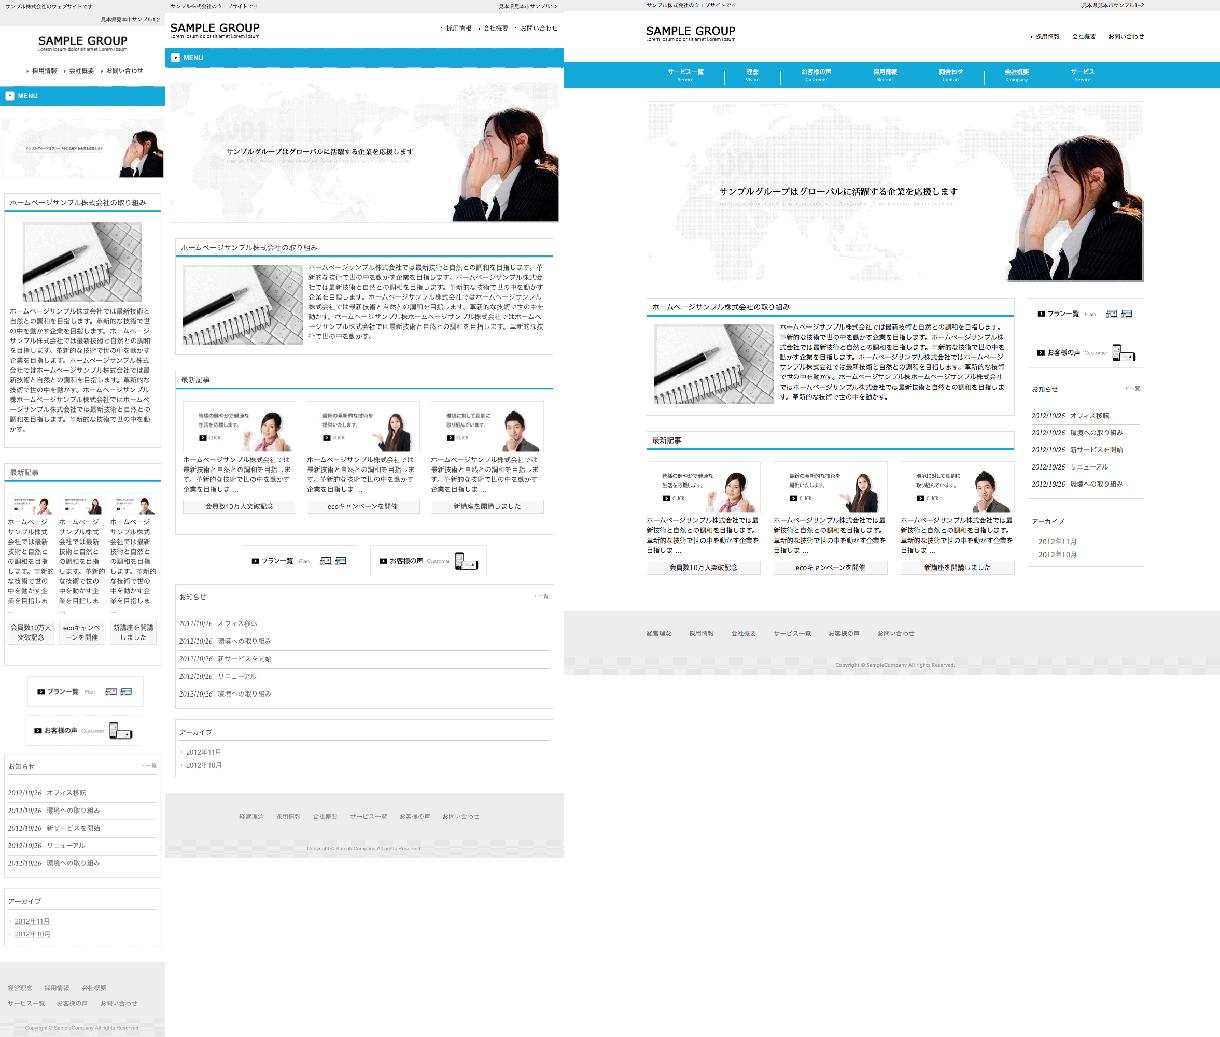 wordpress でコーポレートサイト作成します お任せプラン新登場 素材の準備、文言の準備が不要になりました